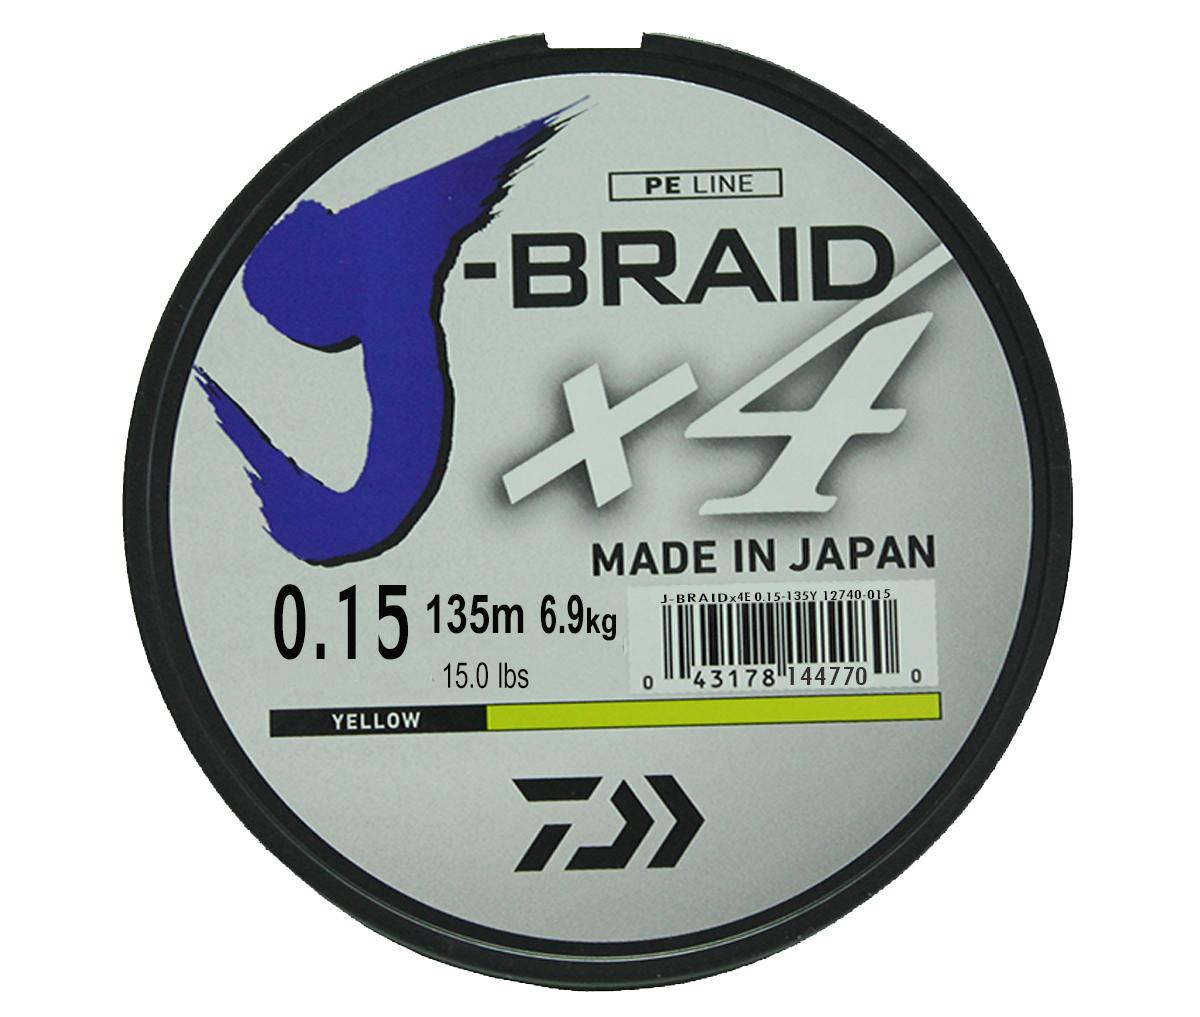 Шнур плетеный Daiwa J-Braid X4, цвет: флуоресцентный желтый, 135 м, 0,15 мм61138Новый 4х жильный шнур J-Braid, DAIWA - шнур высокого класса с удивительным соотношением цены и качества. Качество плетения полностьюсоответствует японским стандартам и удовлетворяет всем требованиям. Представленные диаметры позволяют использовать шнур для всех техникловли, начиная от ultra- light ловли окуня, до морской ловли палтуса, трески и т.д